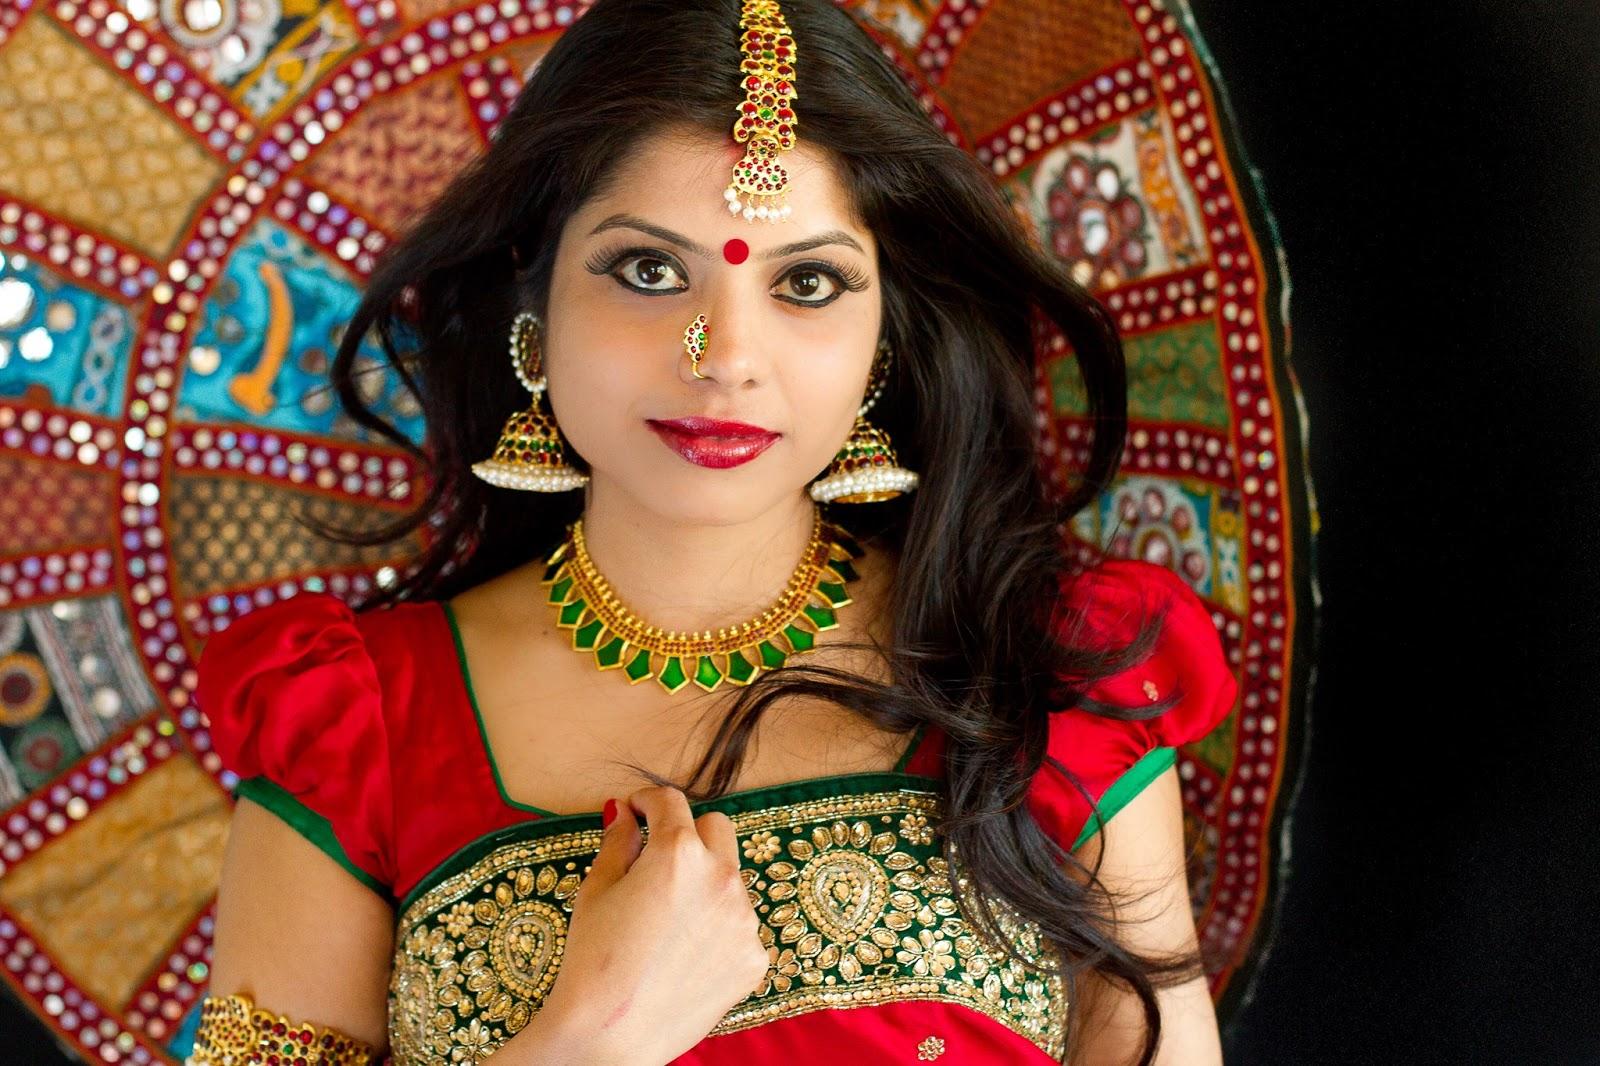 South Indian Bride - Ananya Tales